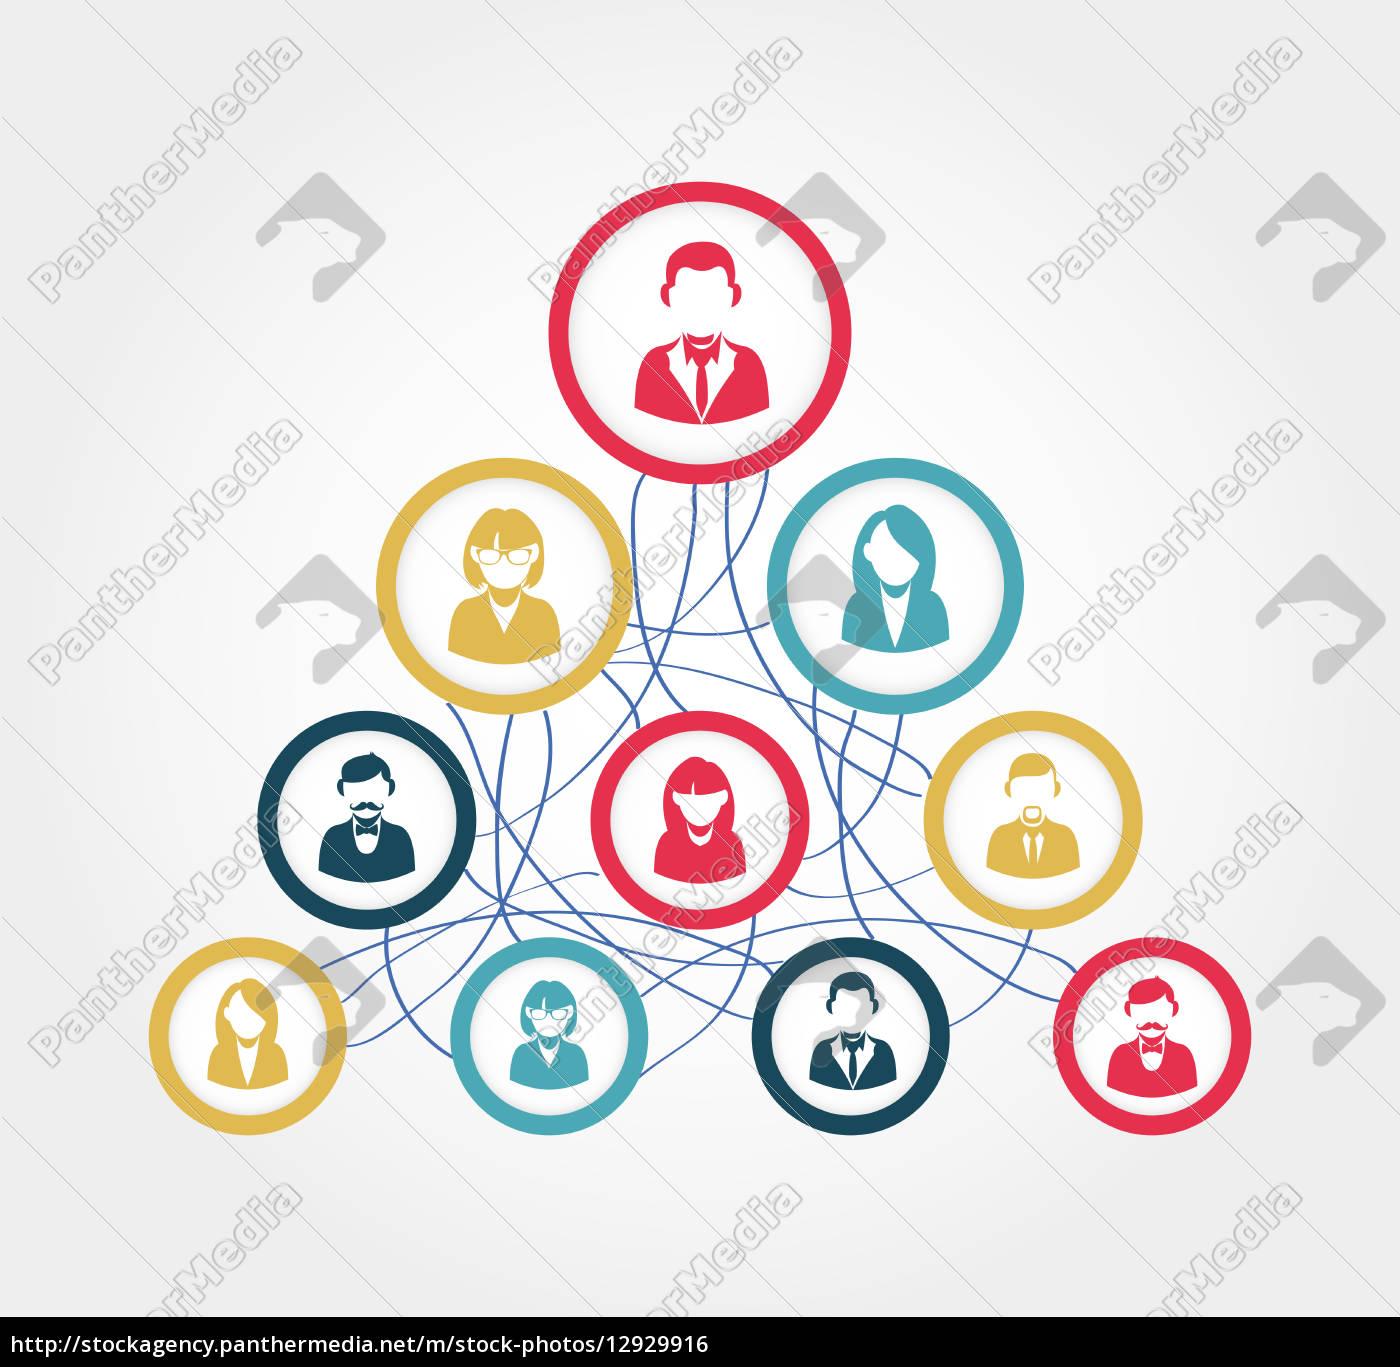 soziale, netzwerk-diagramm-darstellung - 12929916